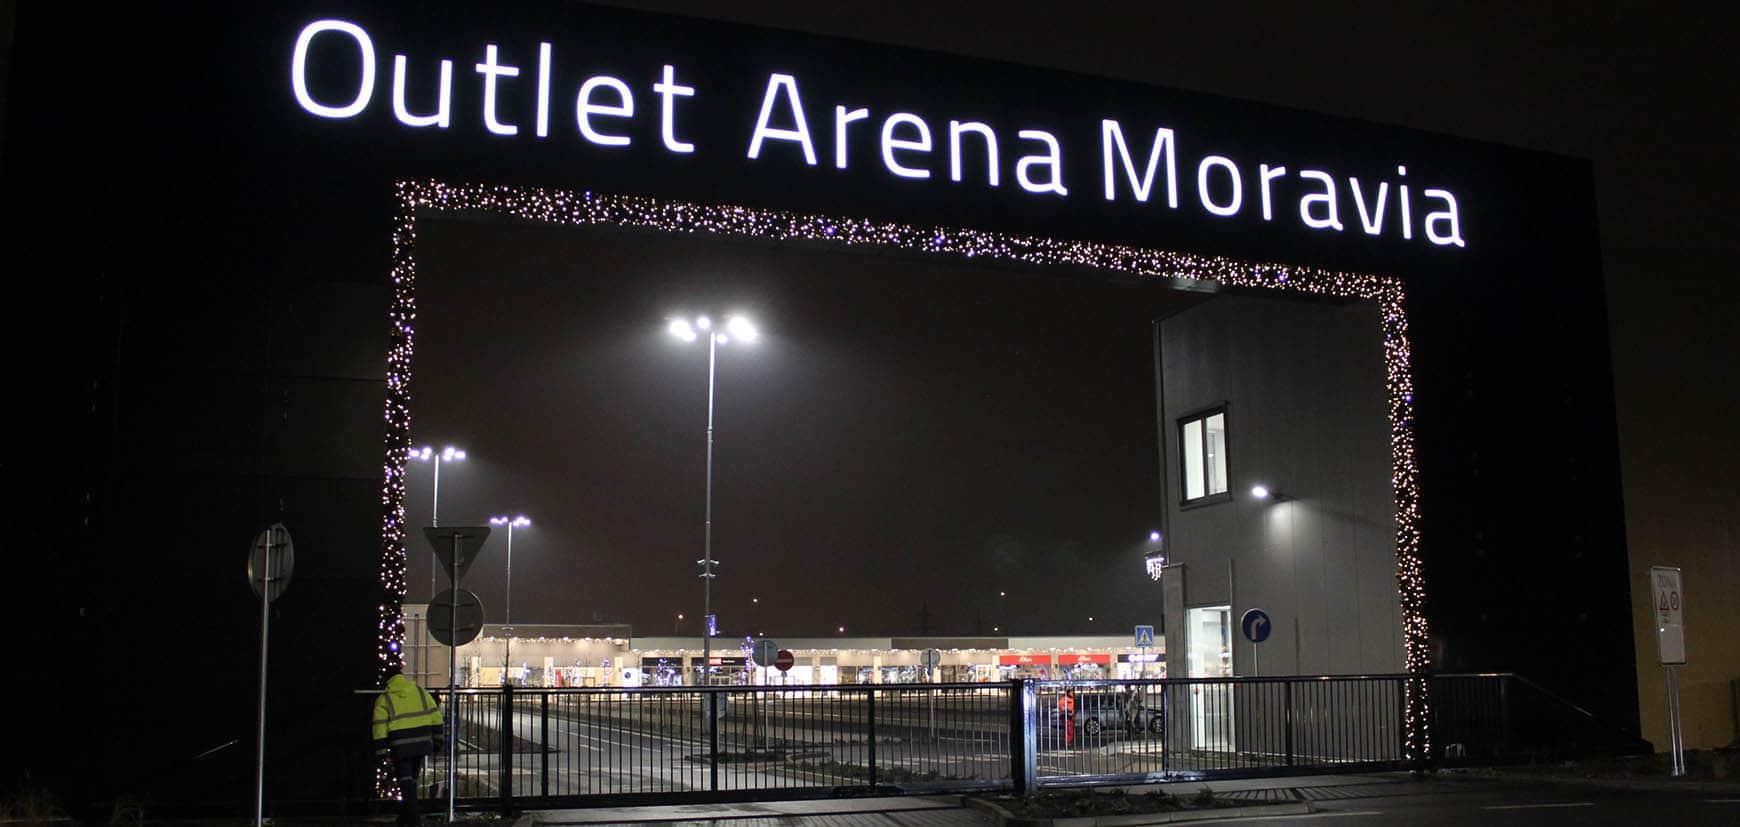 outlet-arena-moravia-slide-2